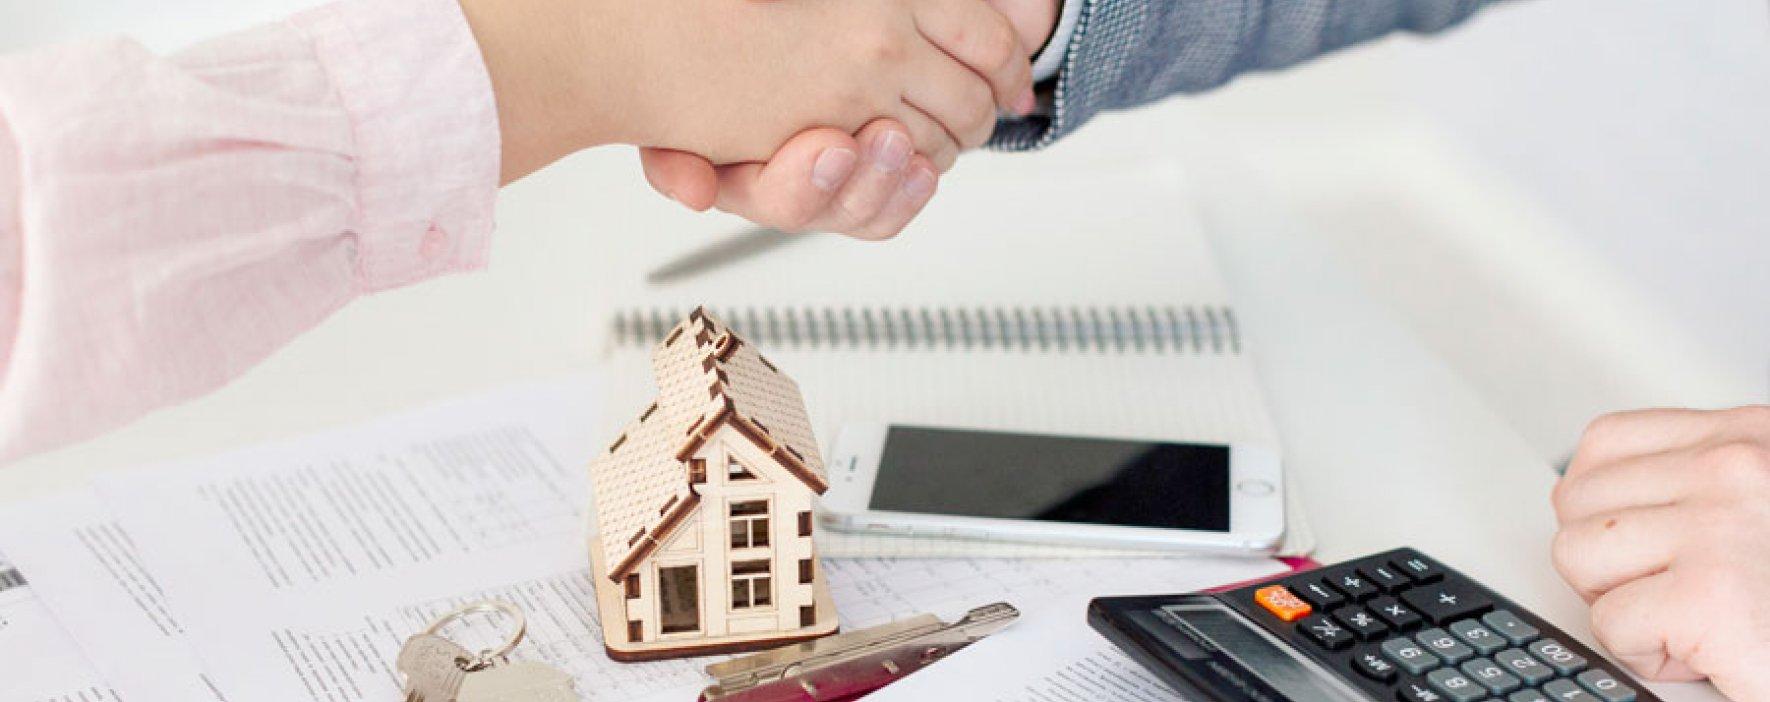 Gobierno colombiano radicó nueva política nacional de vivienda